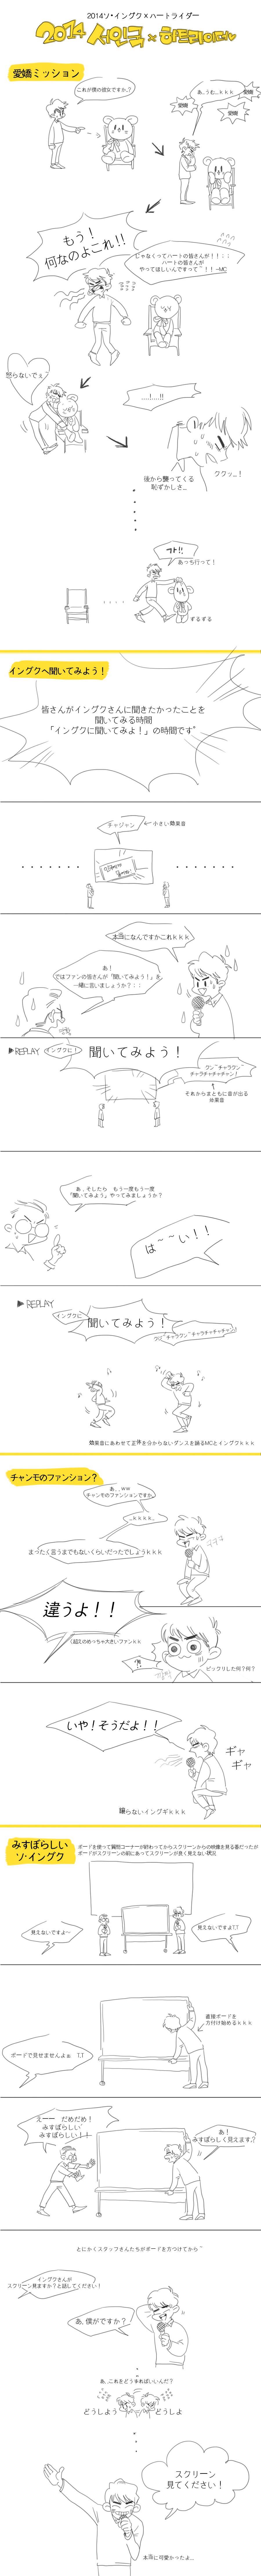 kRXE7TD.jpg